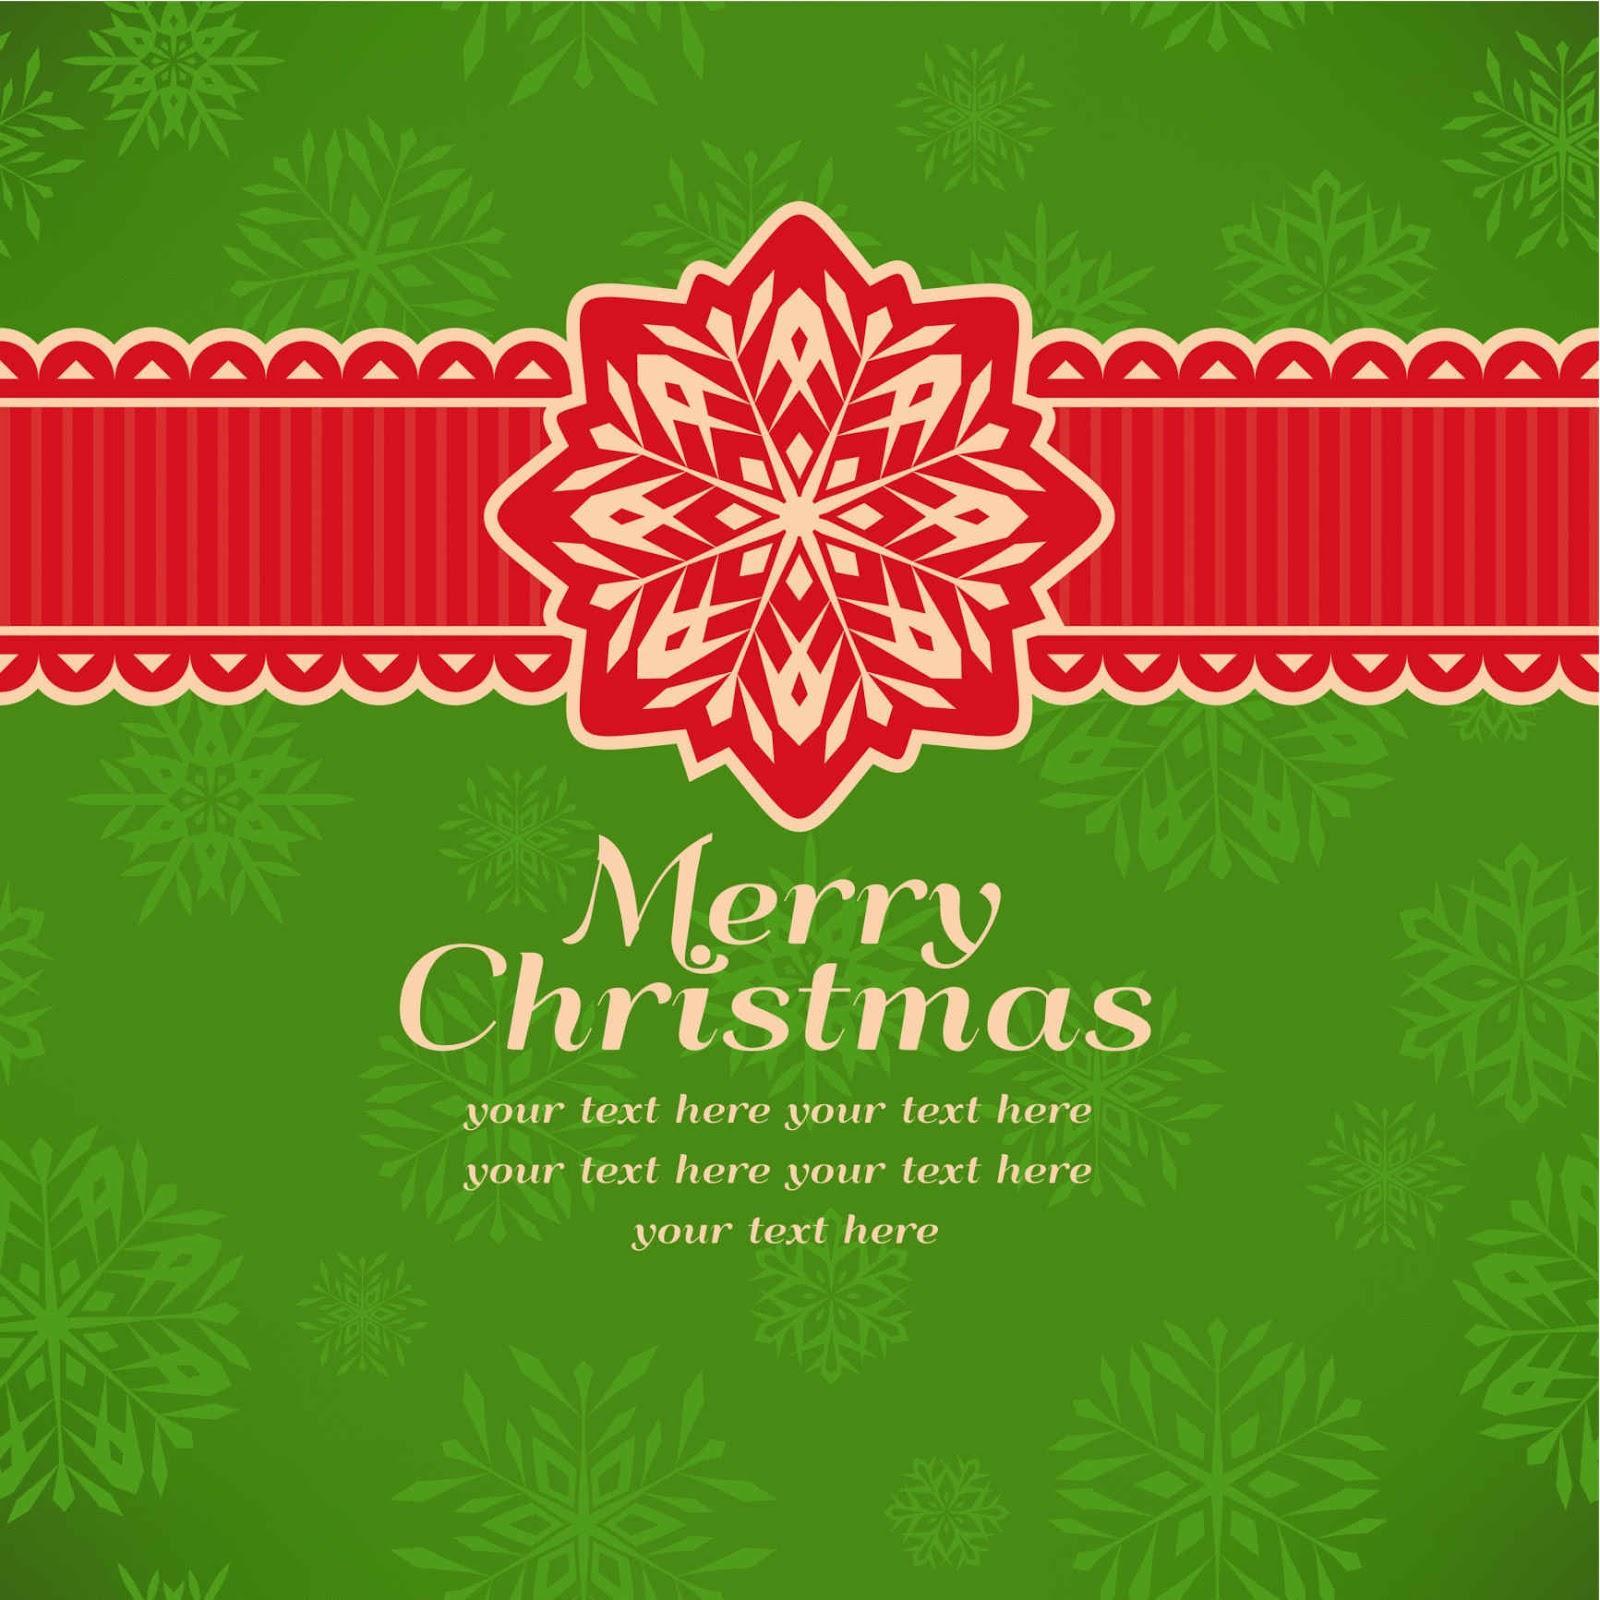 Imagenes de Cartas de Navidad en Ingles Feliz Navidad en Ingles